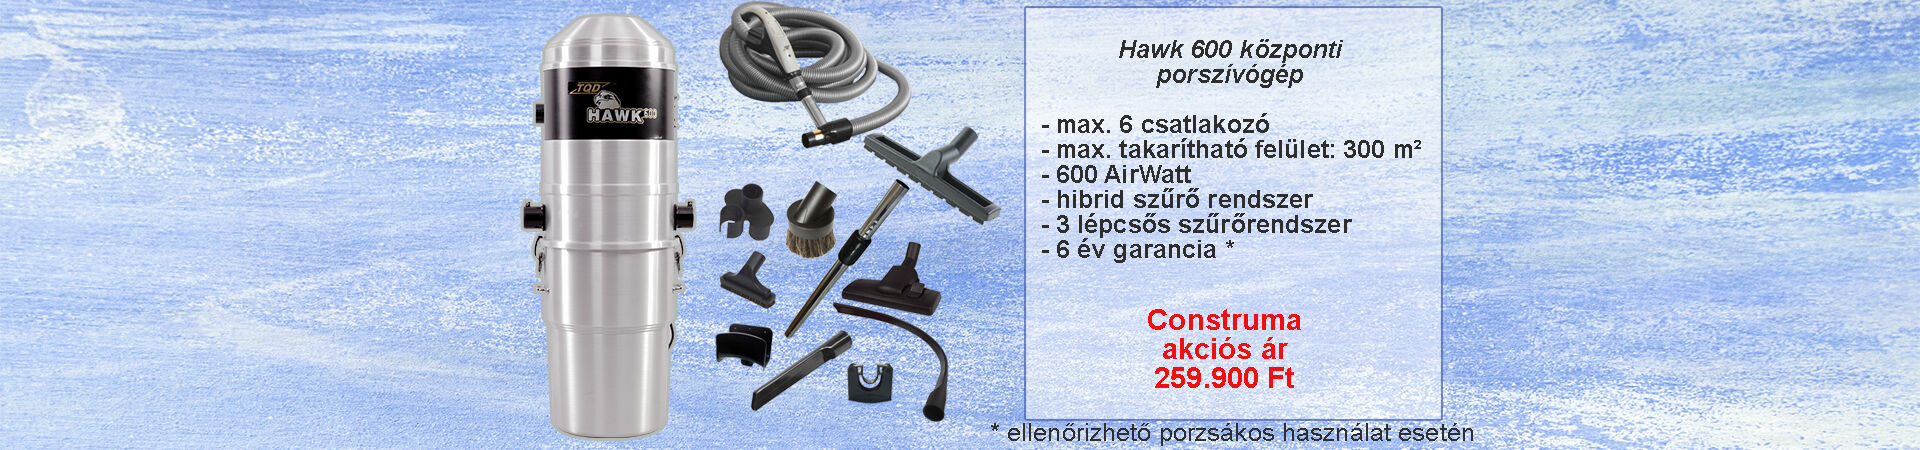 TQD HAWK 600 Construma